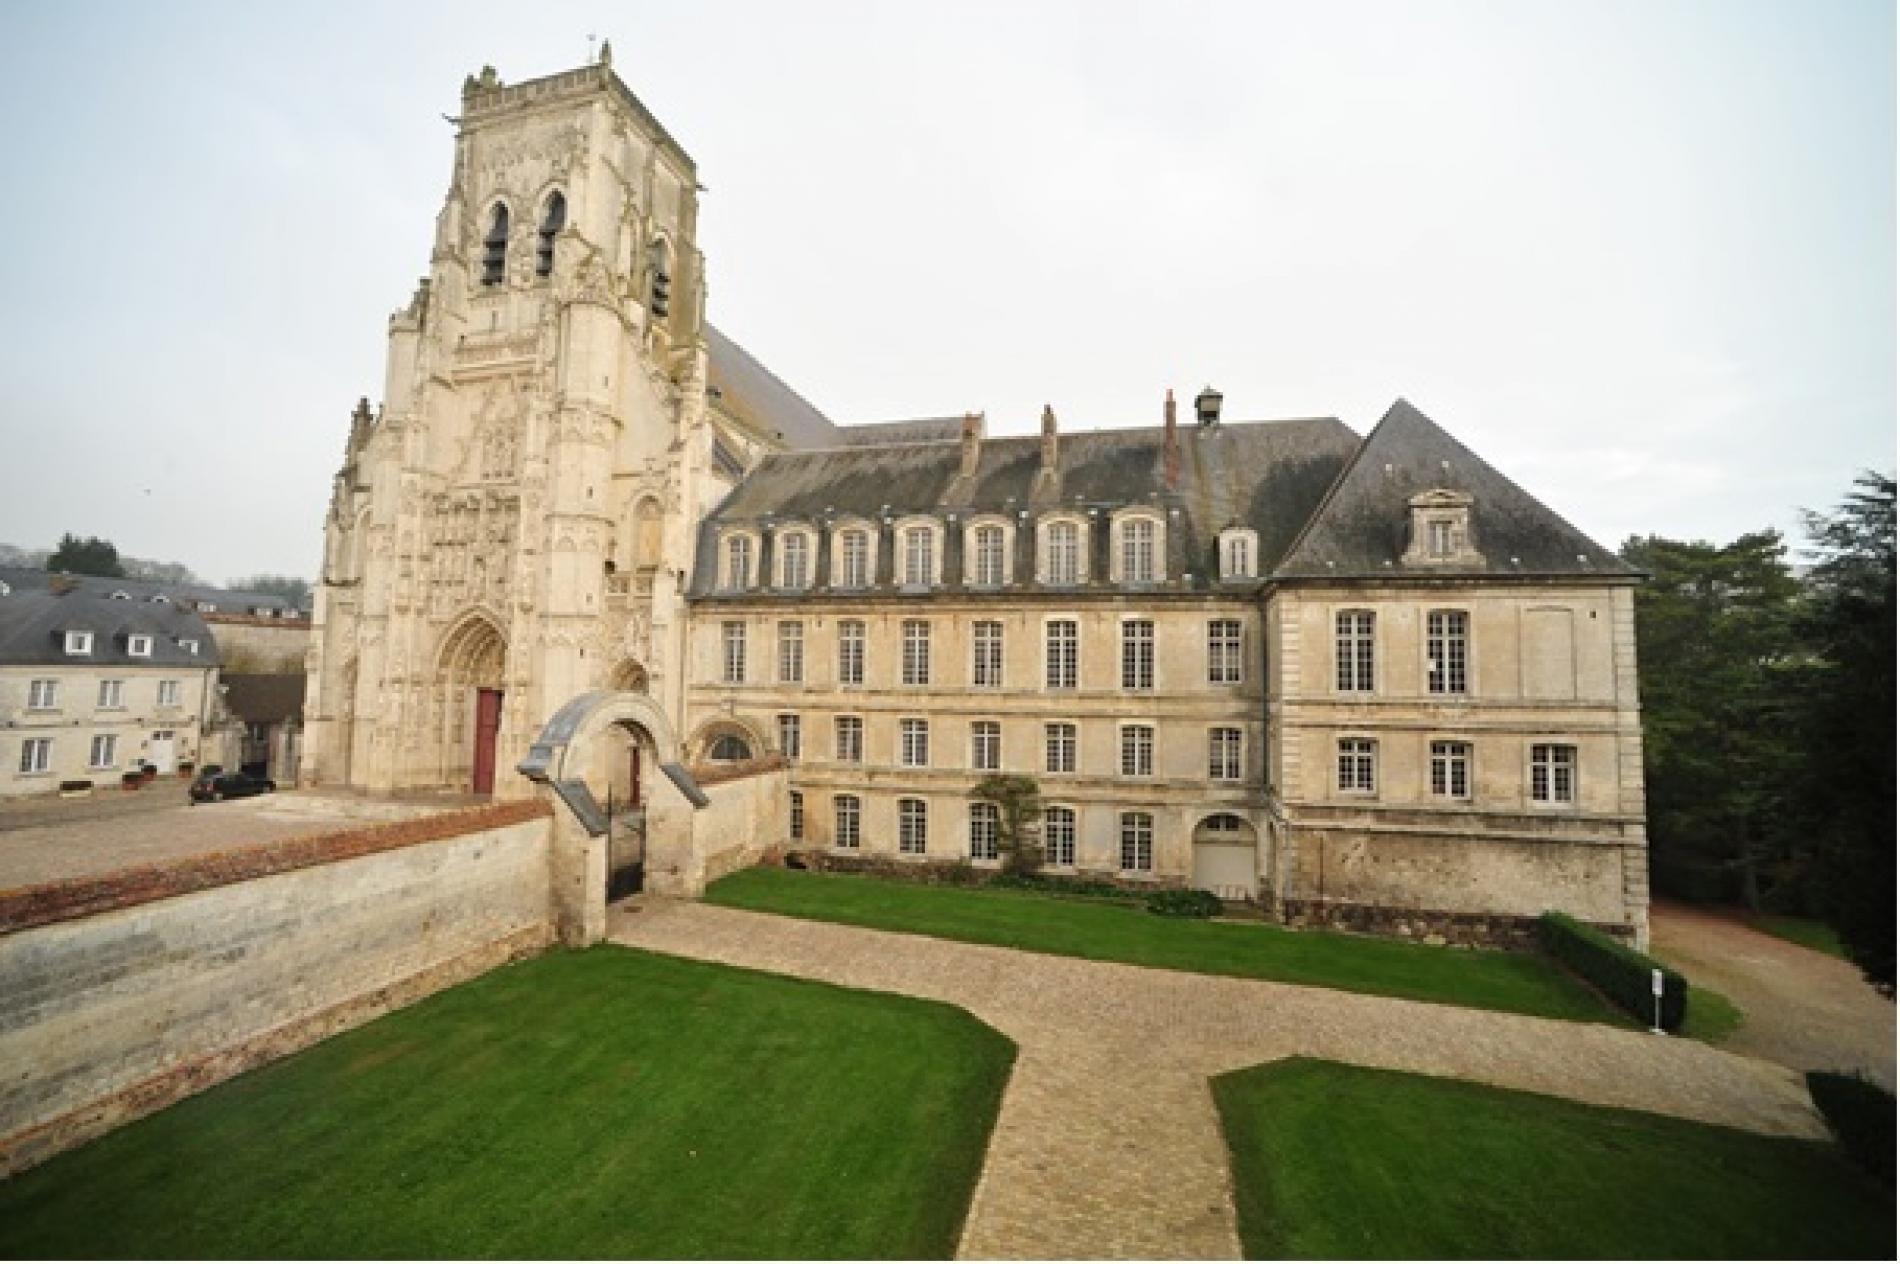 Saint-Riquier Abbey